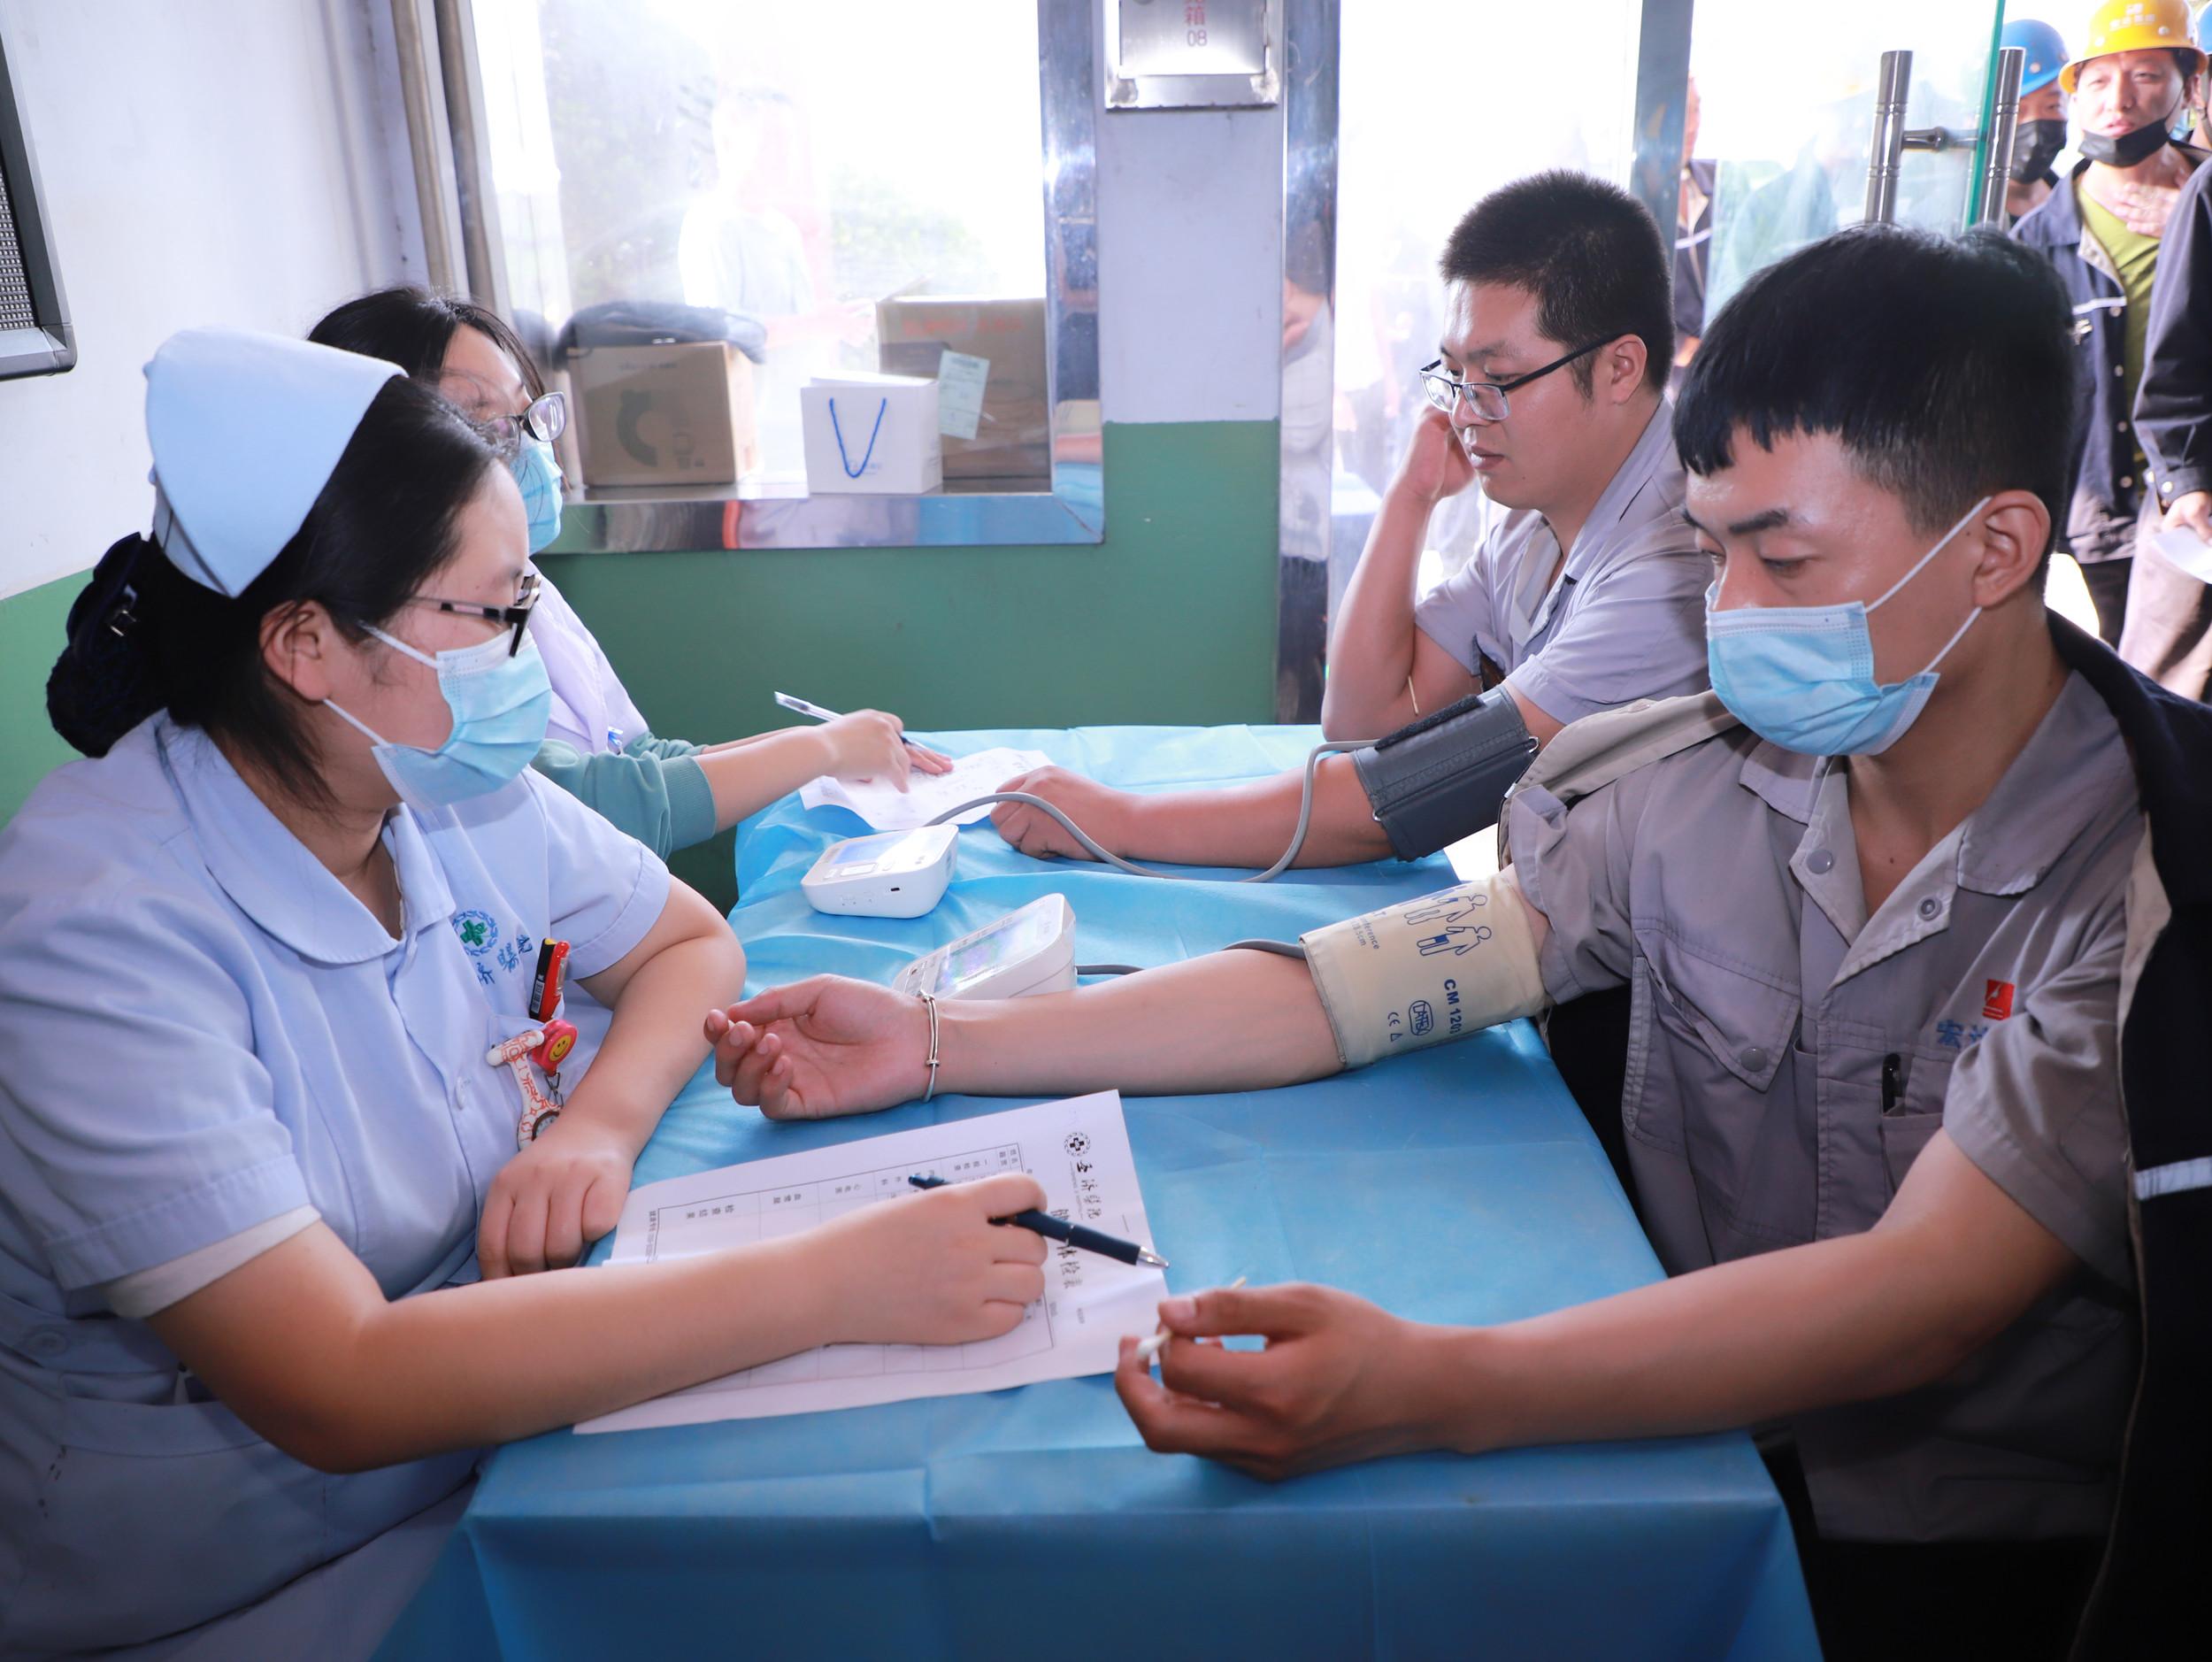 宏达集团对员工进行健康体检